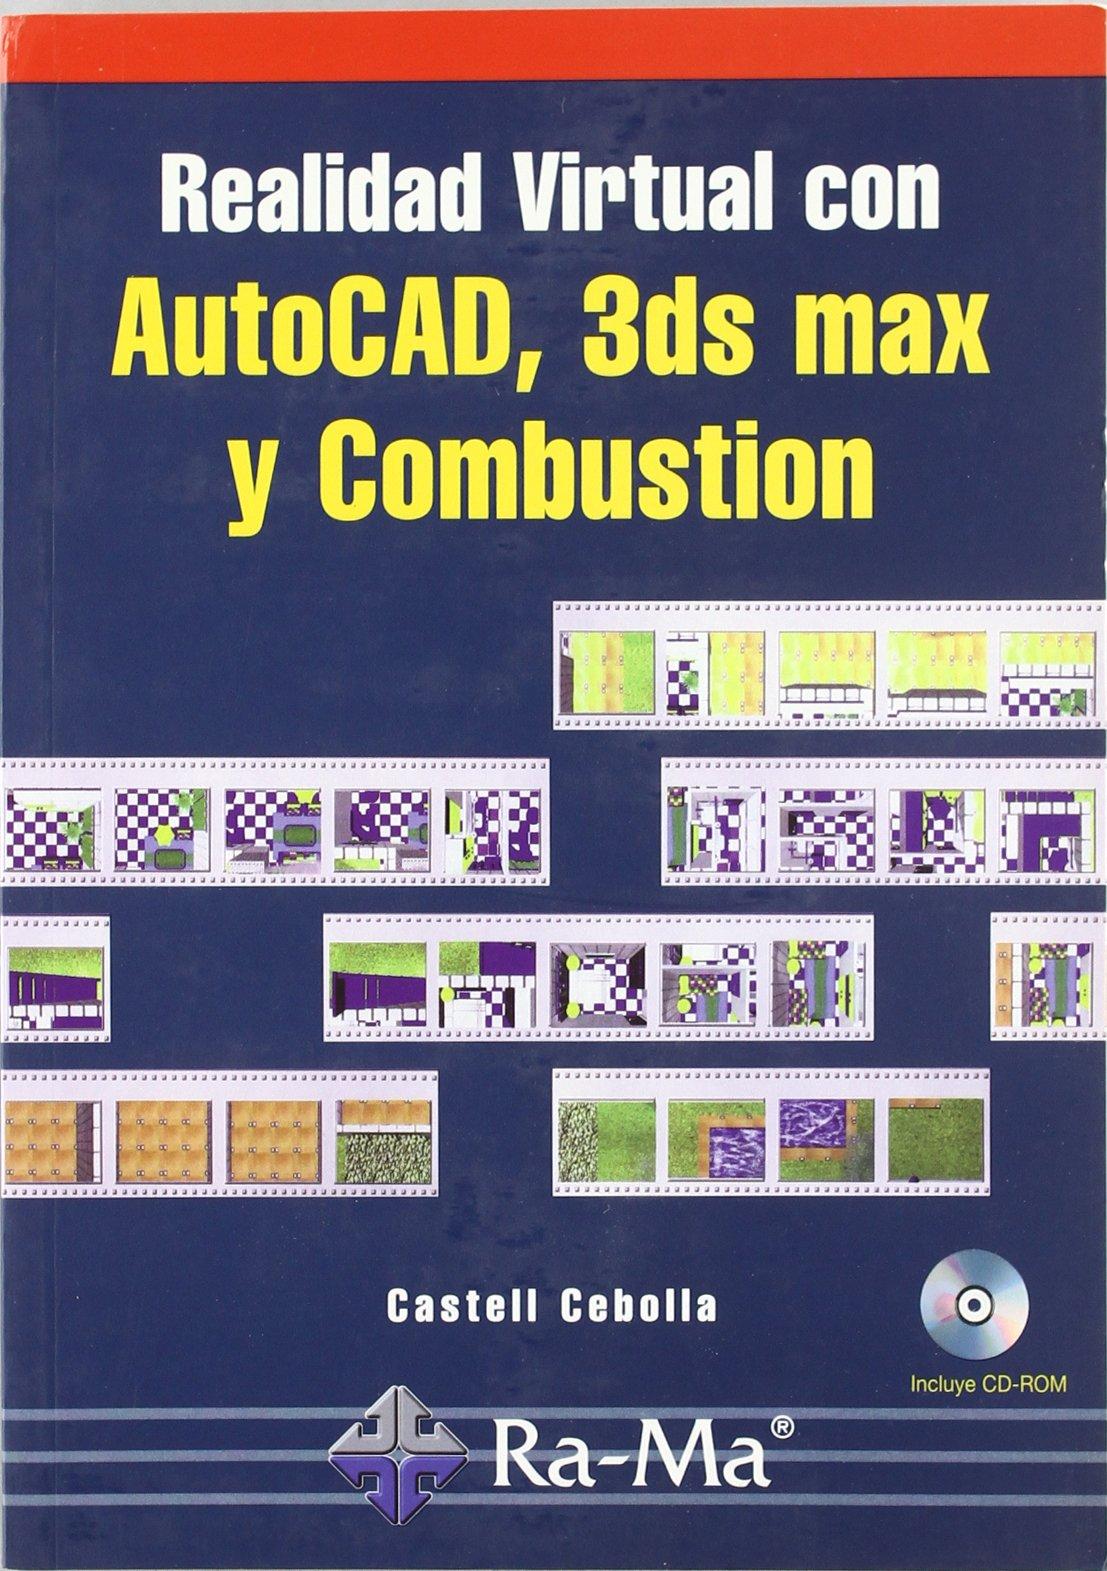 Download Realidad Virtual con Autocad, 3ds max y Combustion (Incluye Cd-ro m) PDF